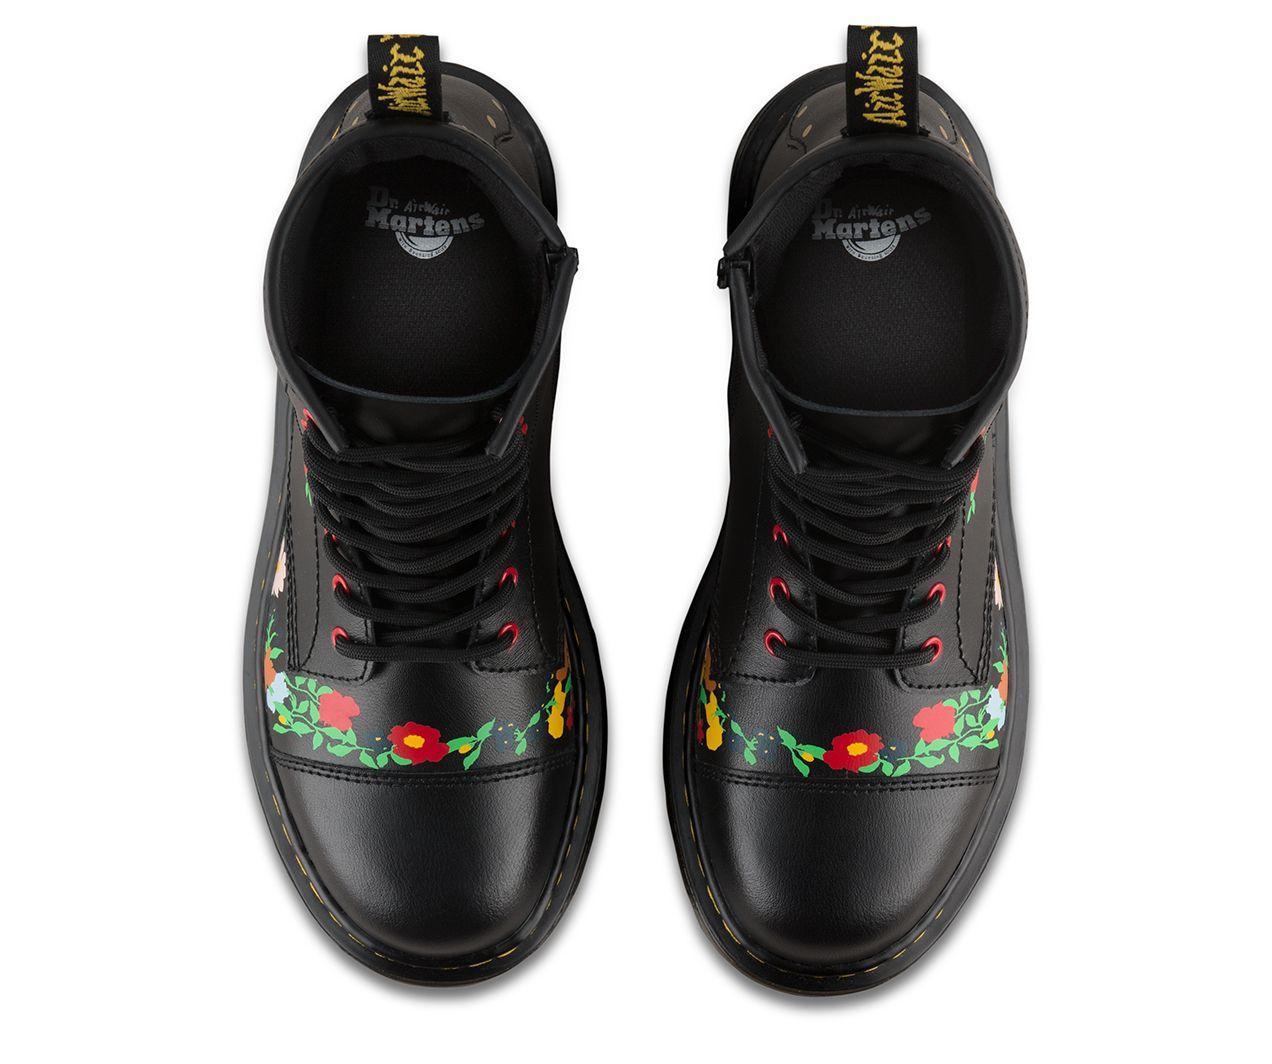 Dr martens 1460 pooch flower jugendliche | Shoes | Dr